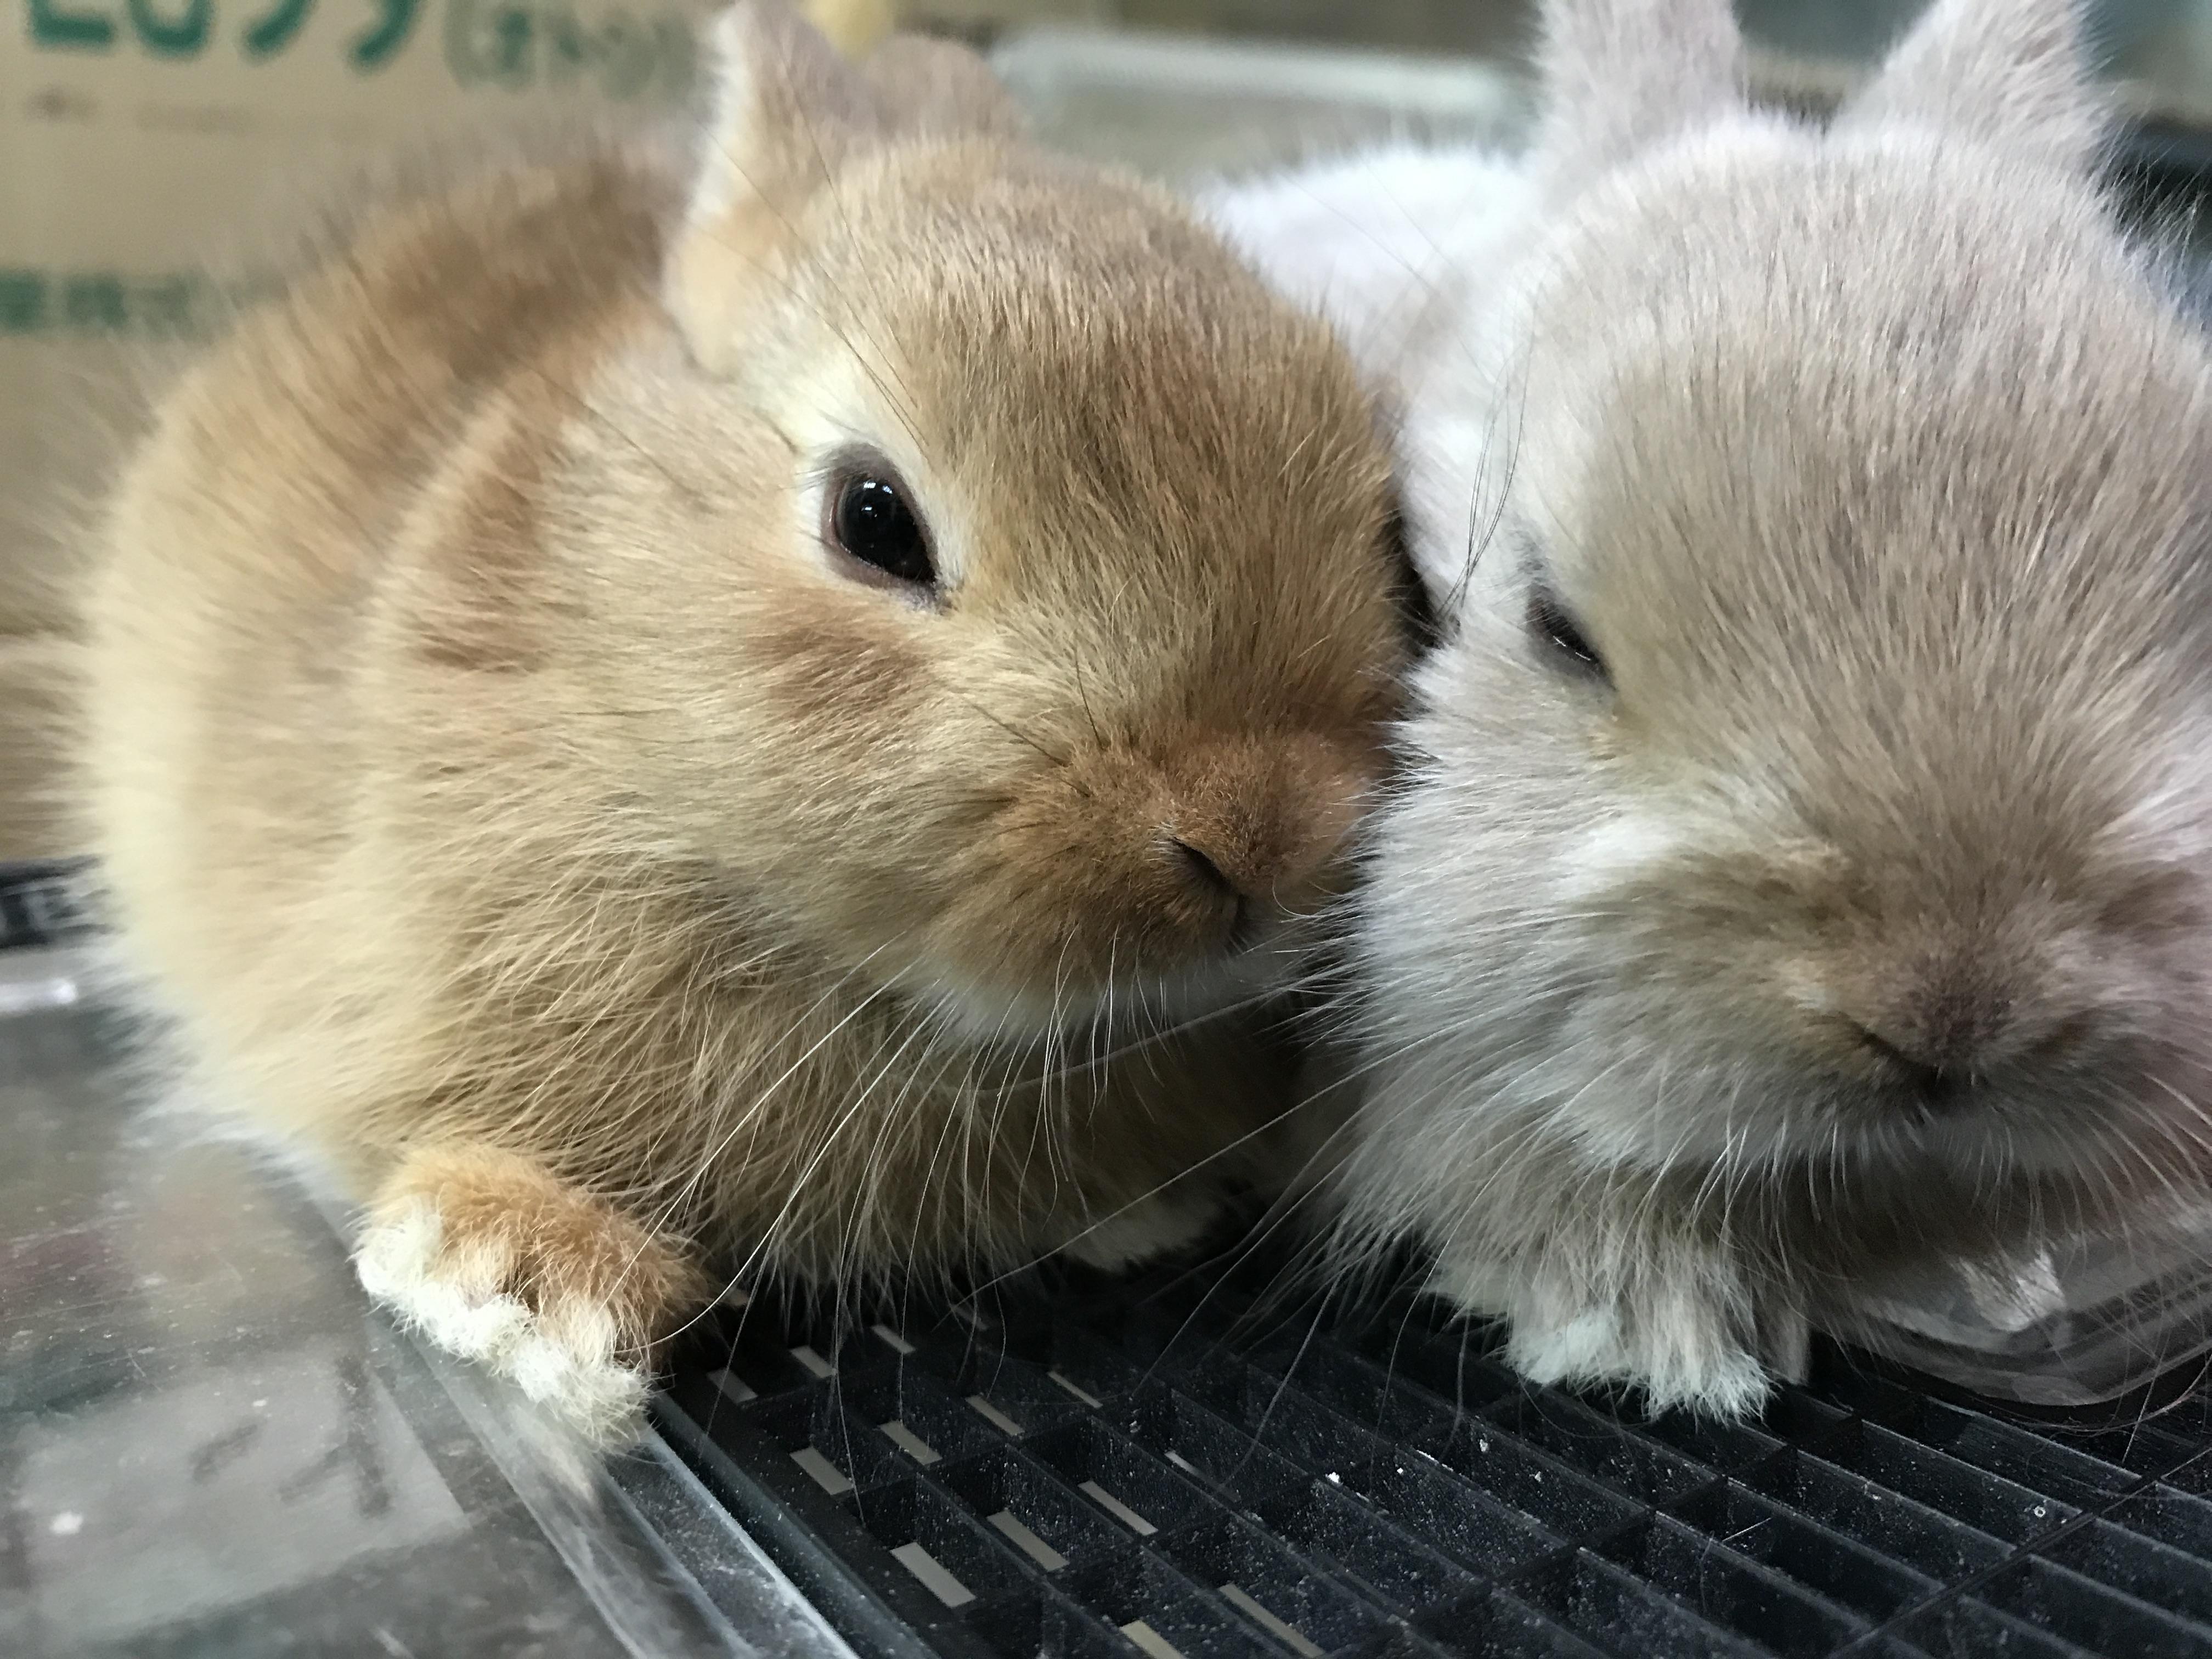 衝撃的な可愛さ!!!!ミニミニウサギ~(๑˘ ³˘๑)と、ハリーも追加♪♪@インター小動物